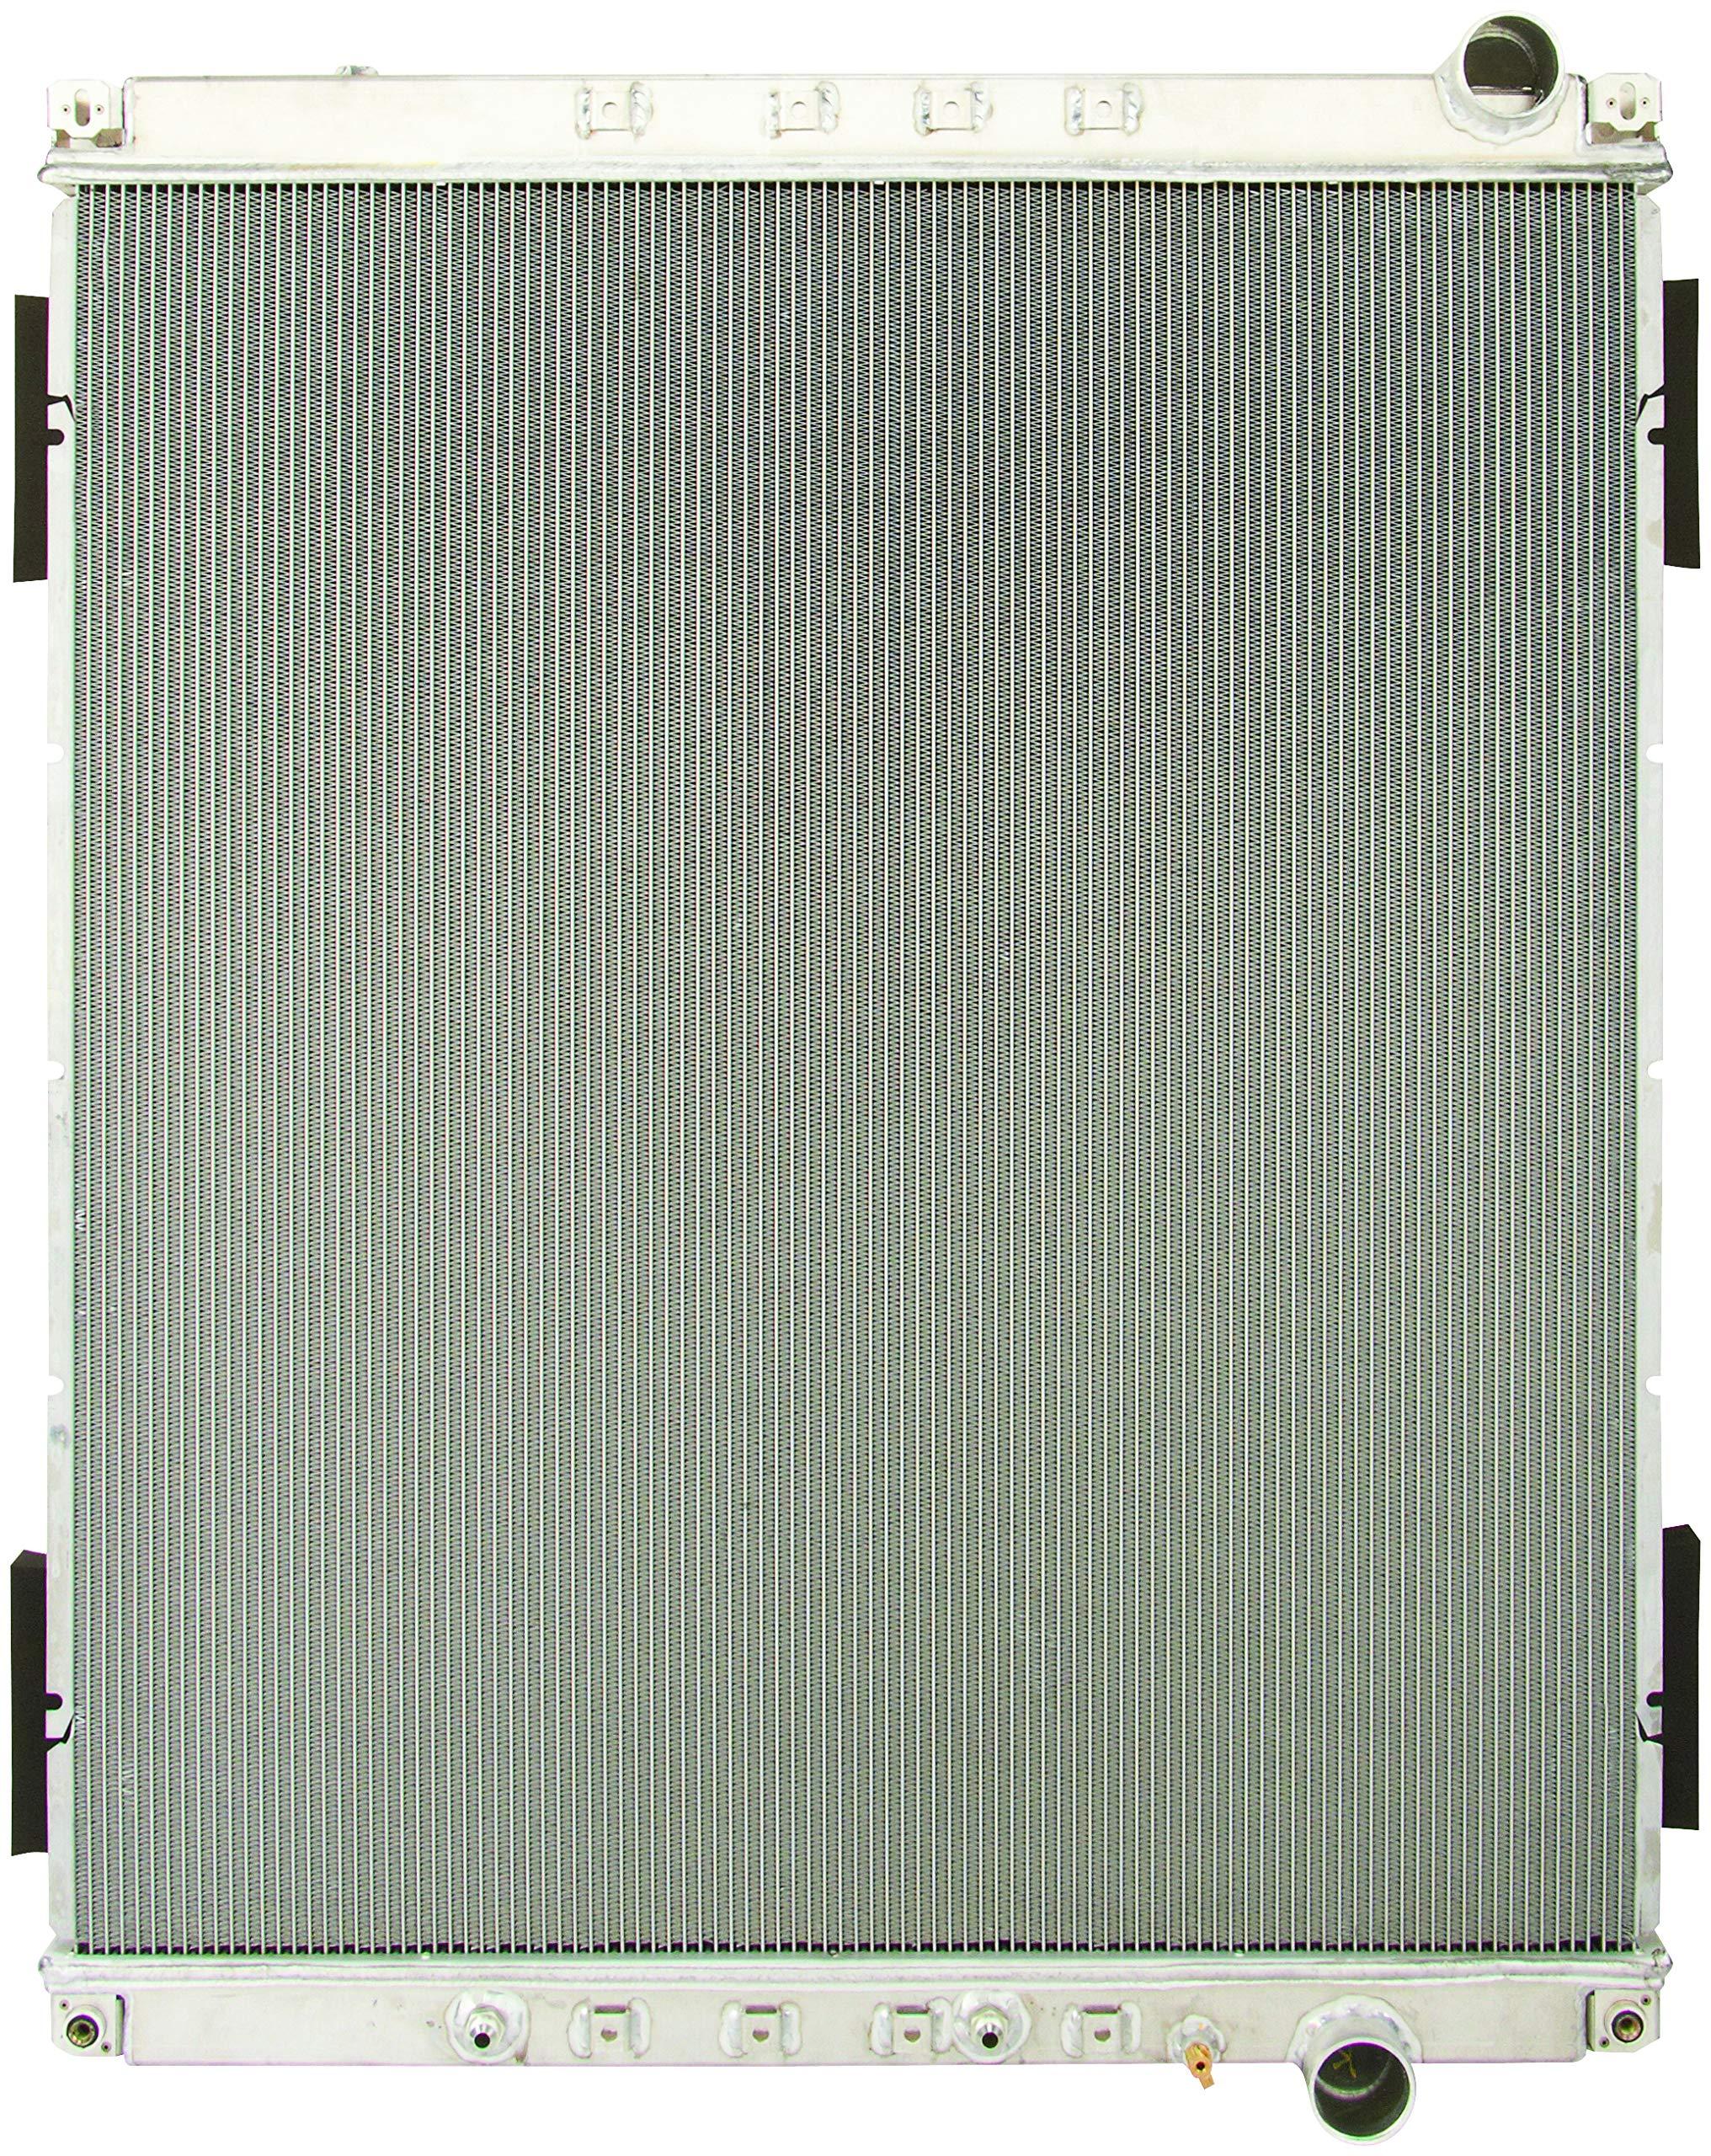 Spectra Premium 2001-1725 Industrial Complete Radiator